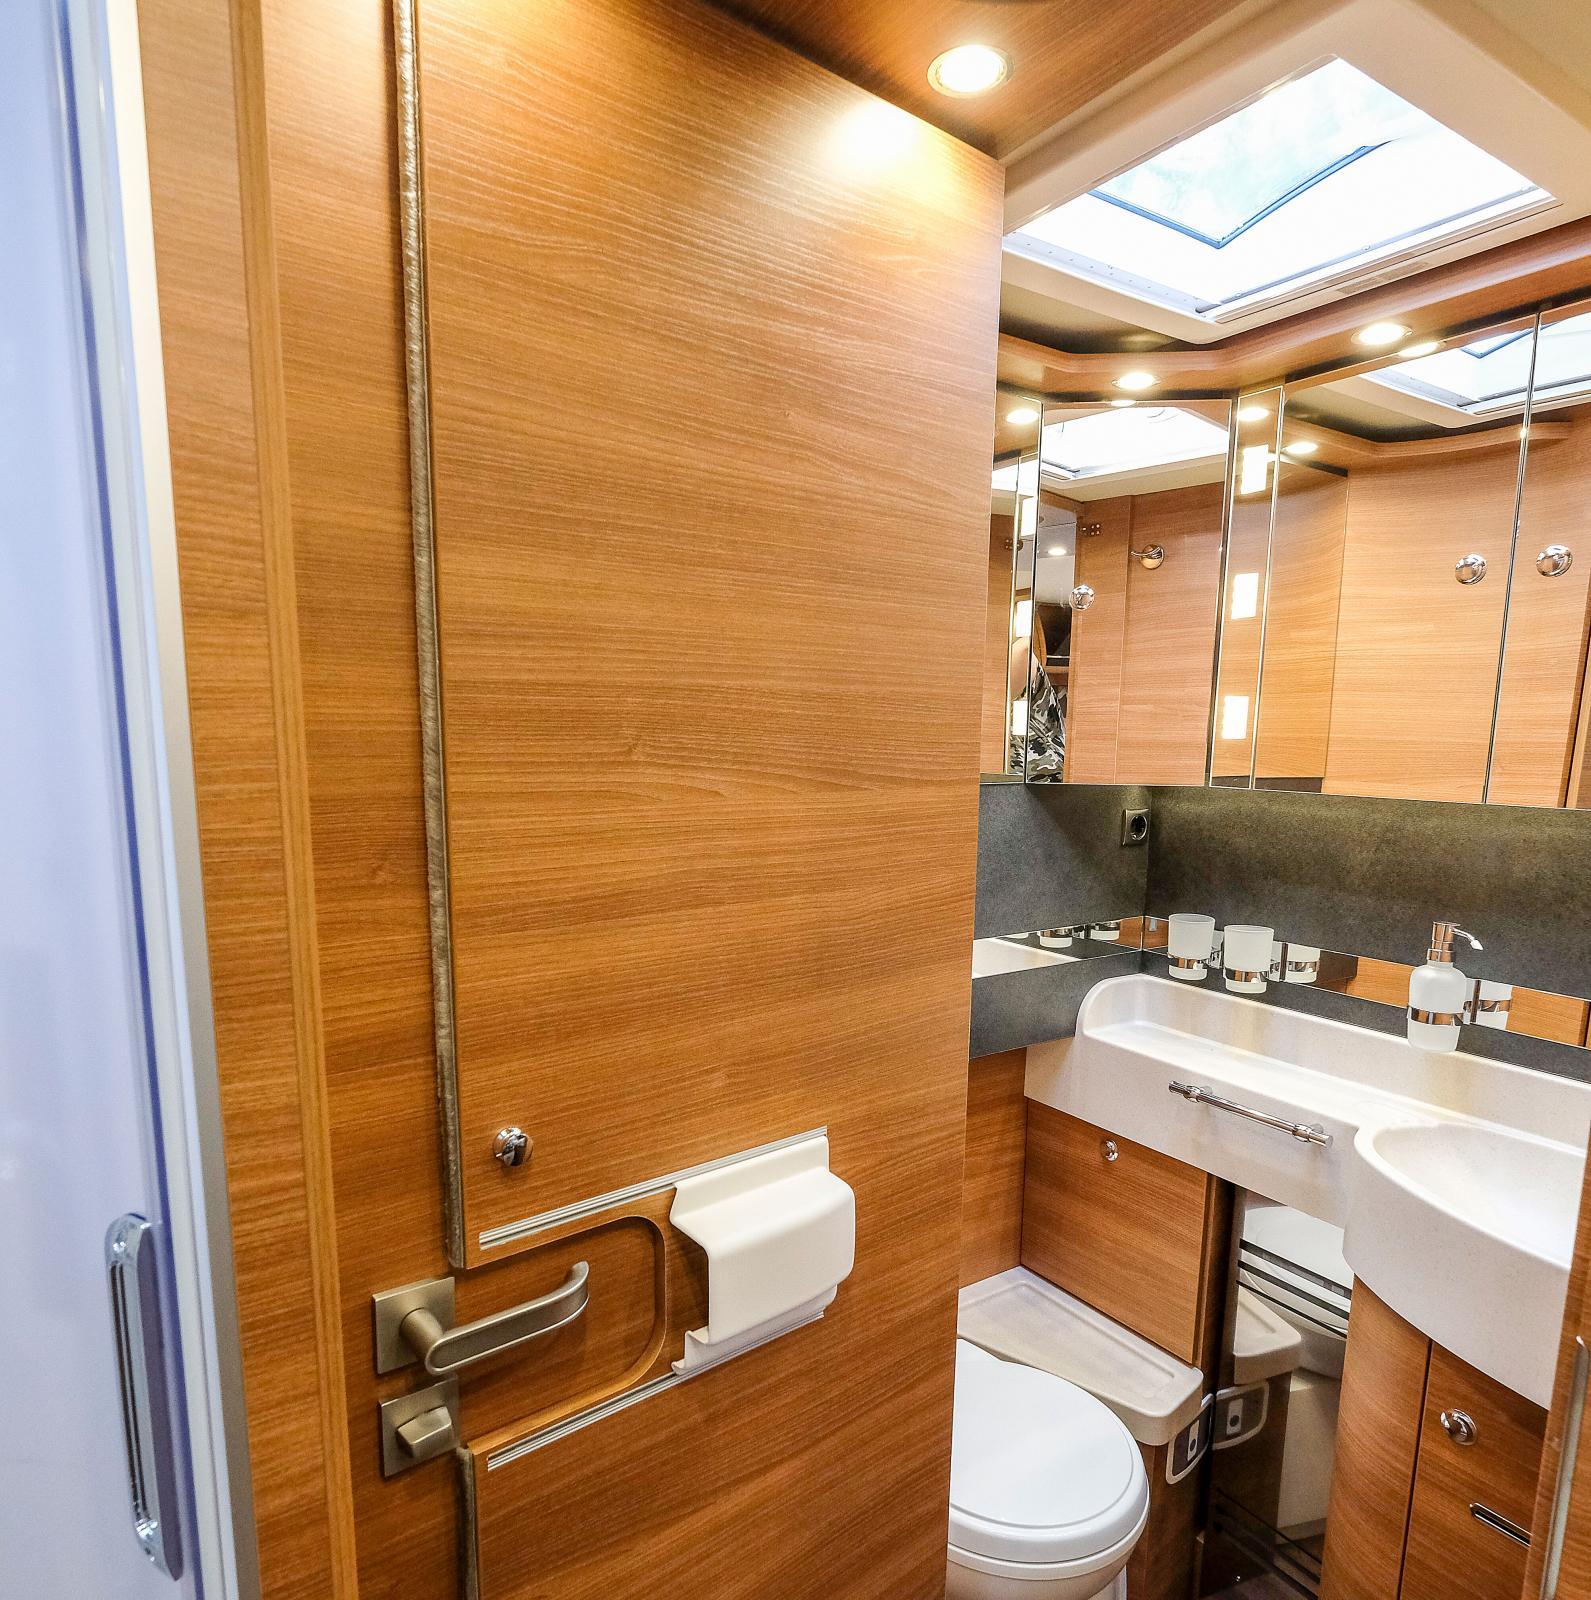 Toadörran kan delas för att både skärma av främre delen av bilen och toaletten.